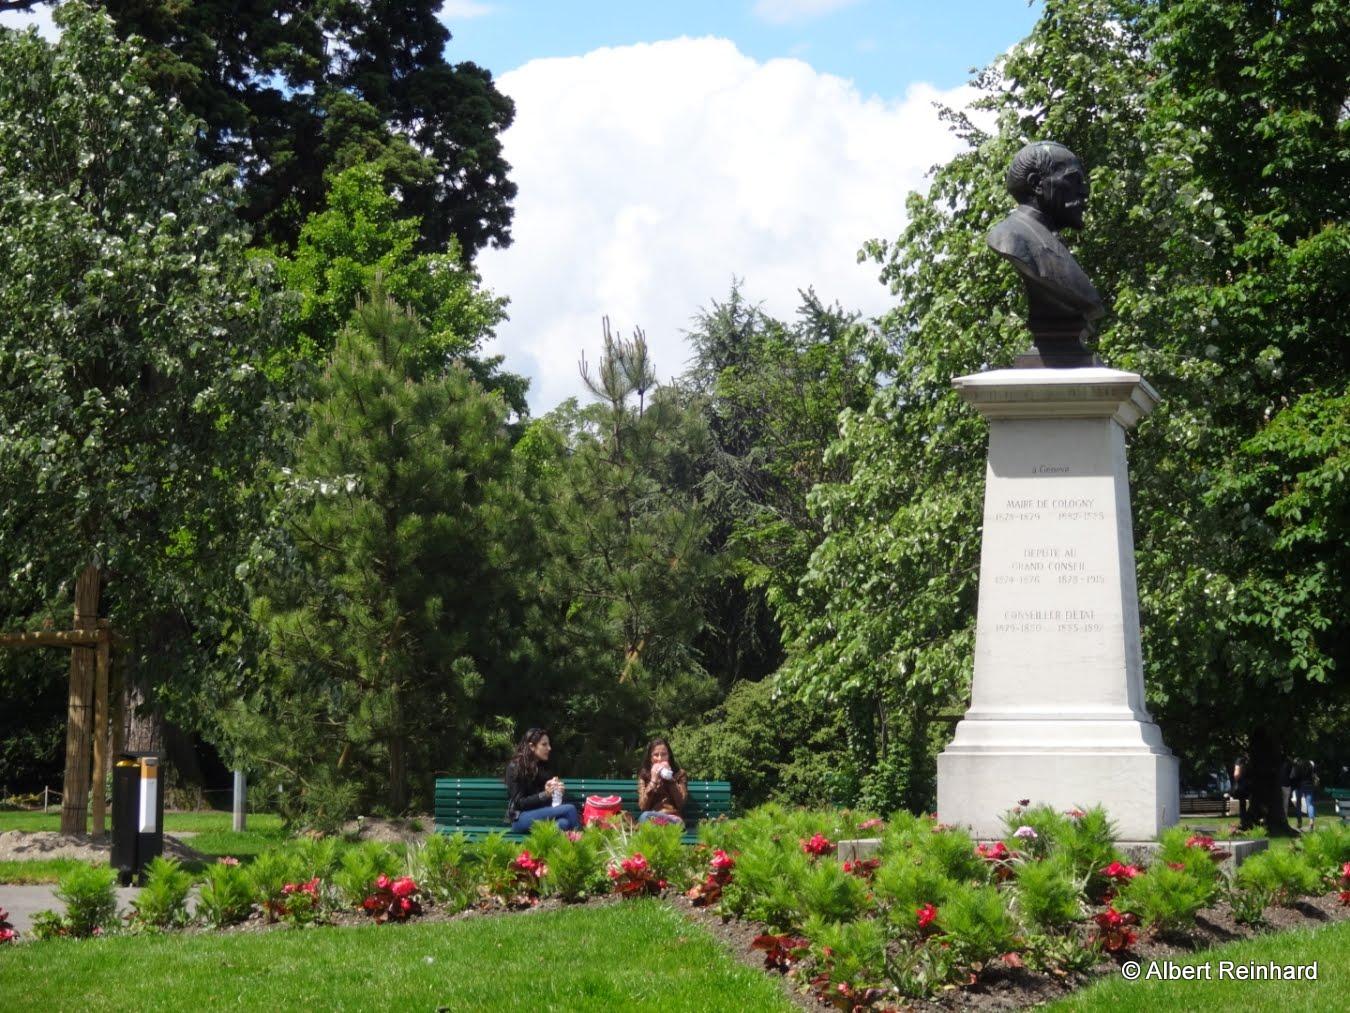 De ci de l gen ve fl nerie sur le quai gustave ador for Jardin anglais geneve suisse